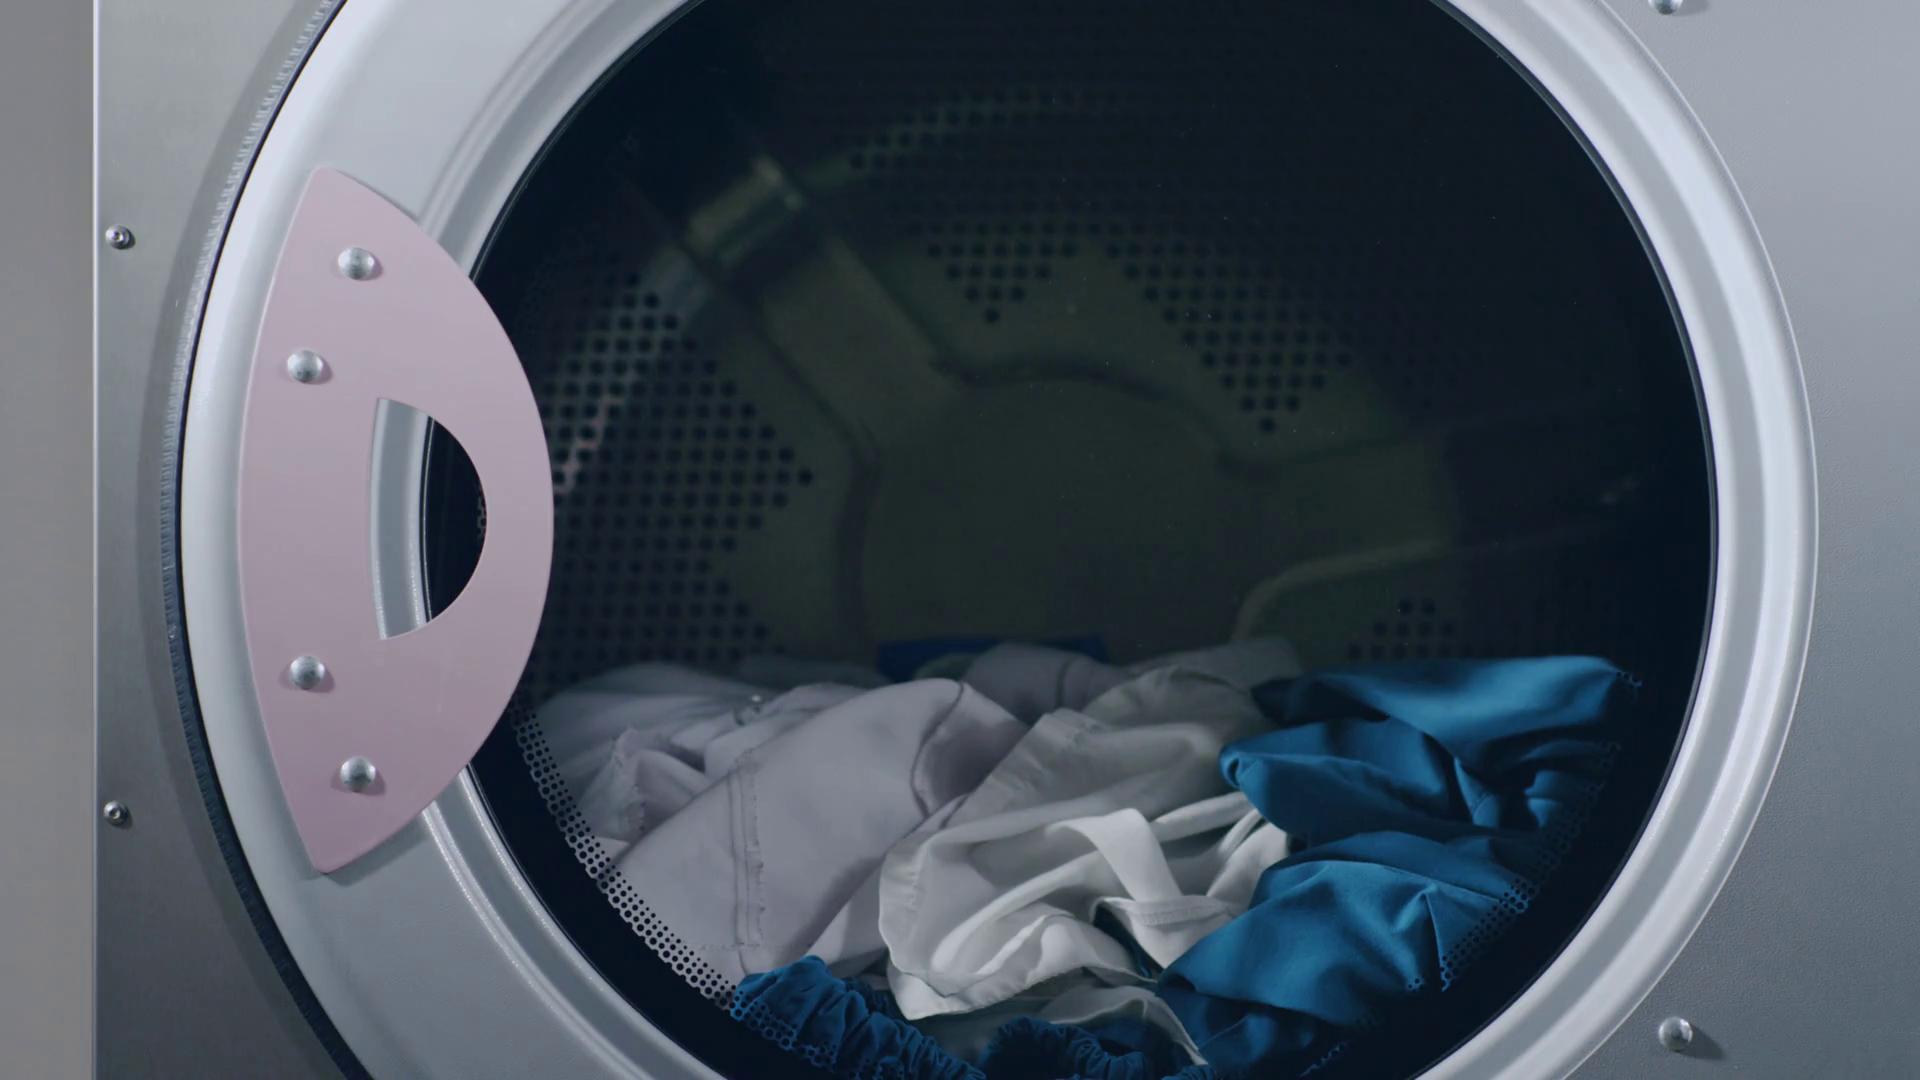 راهنمای شستن انواع لباس با ماشین لباسشویی